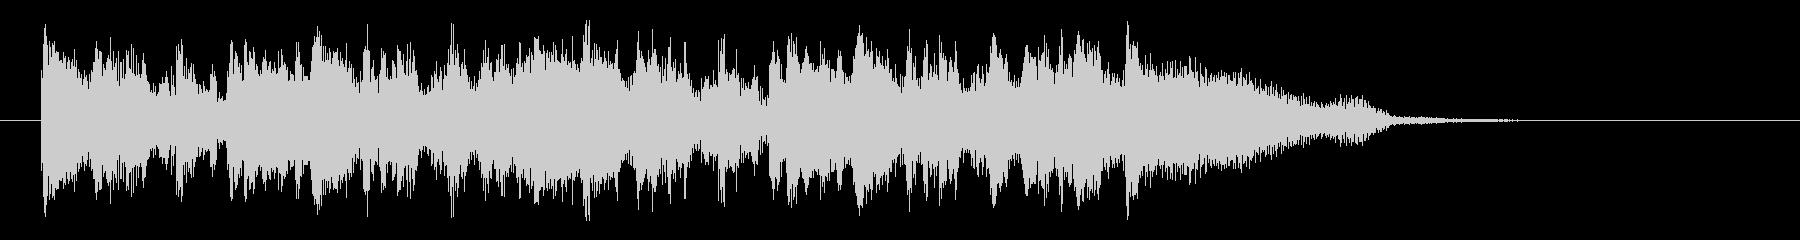 カフェミュージック的なジングル曲の未再生の波形